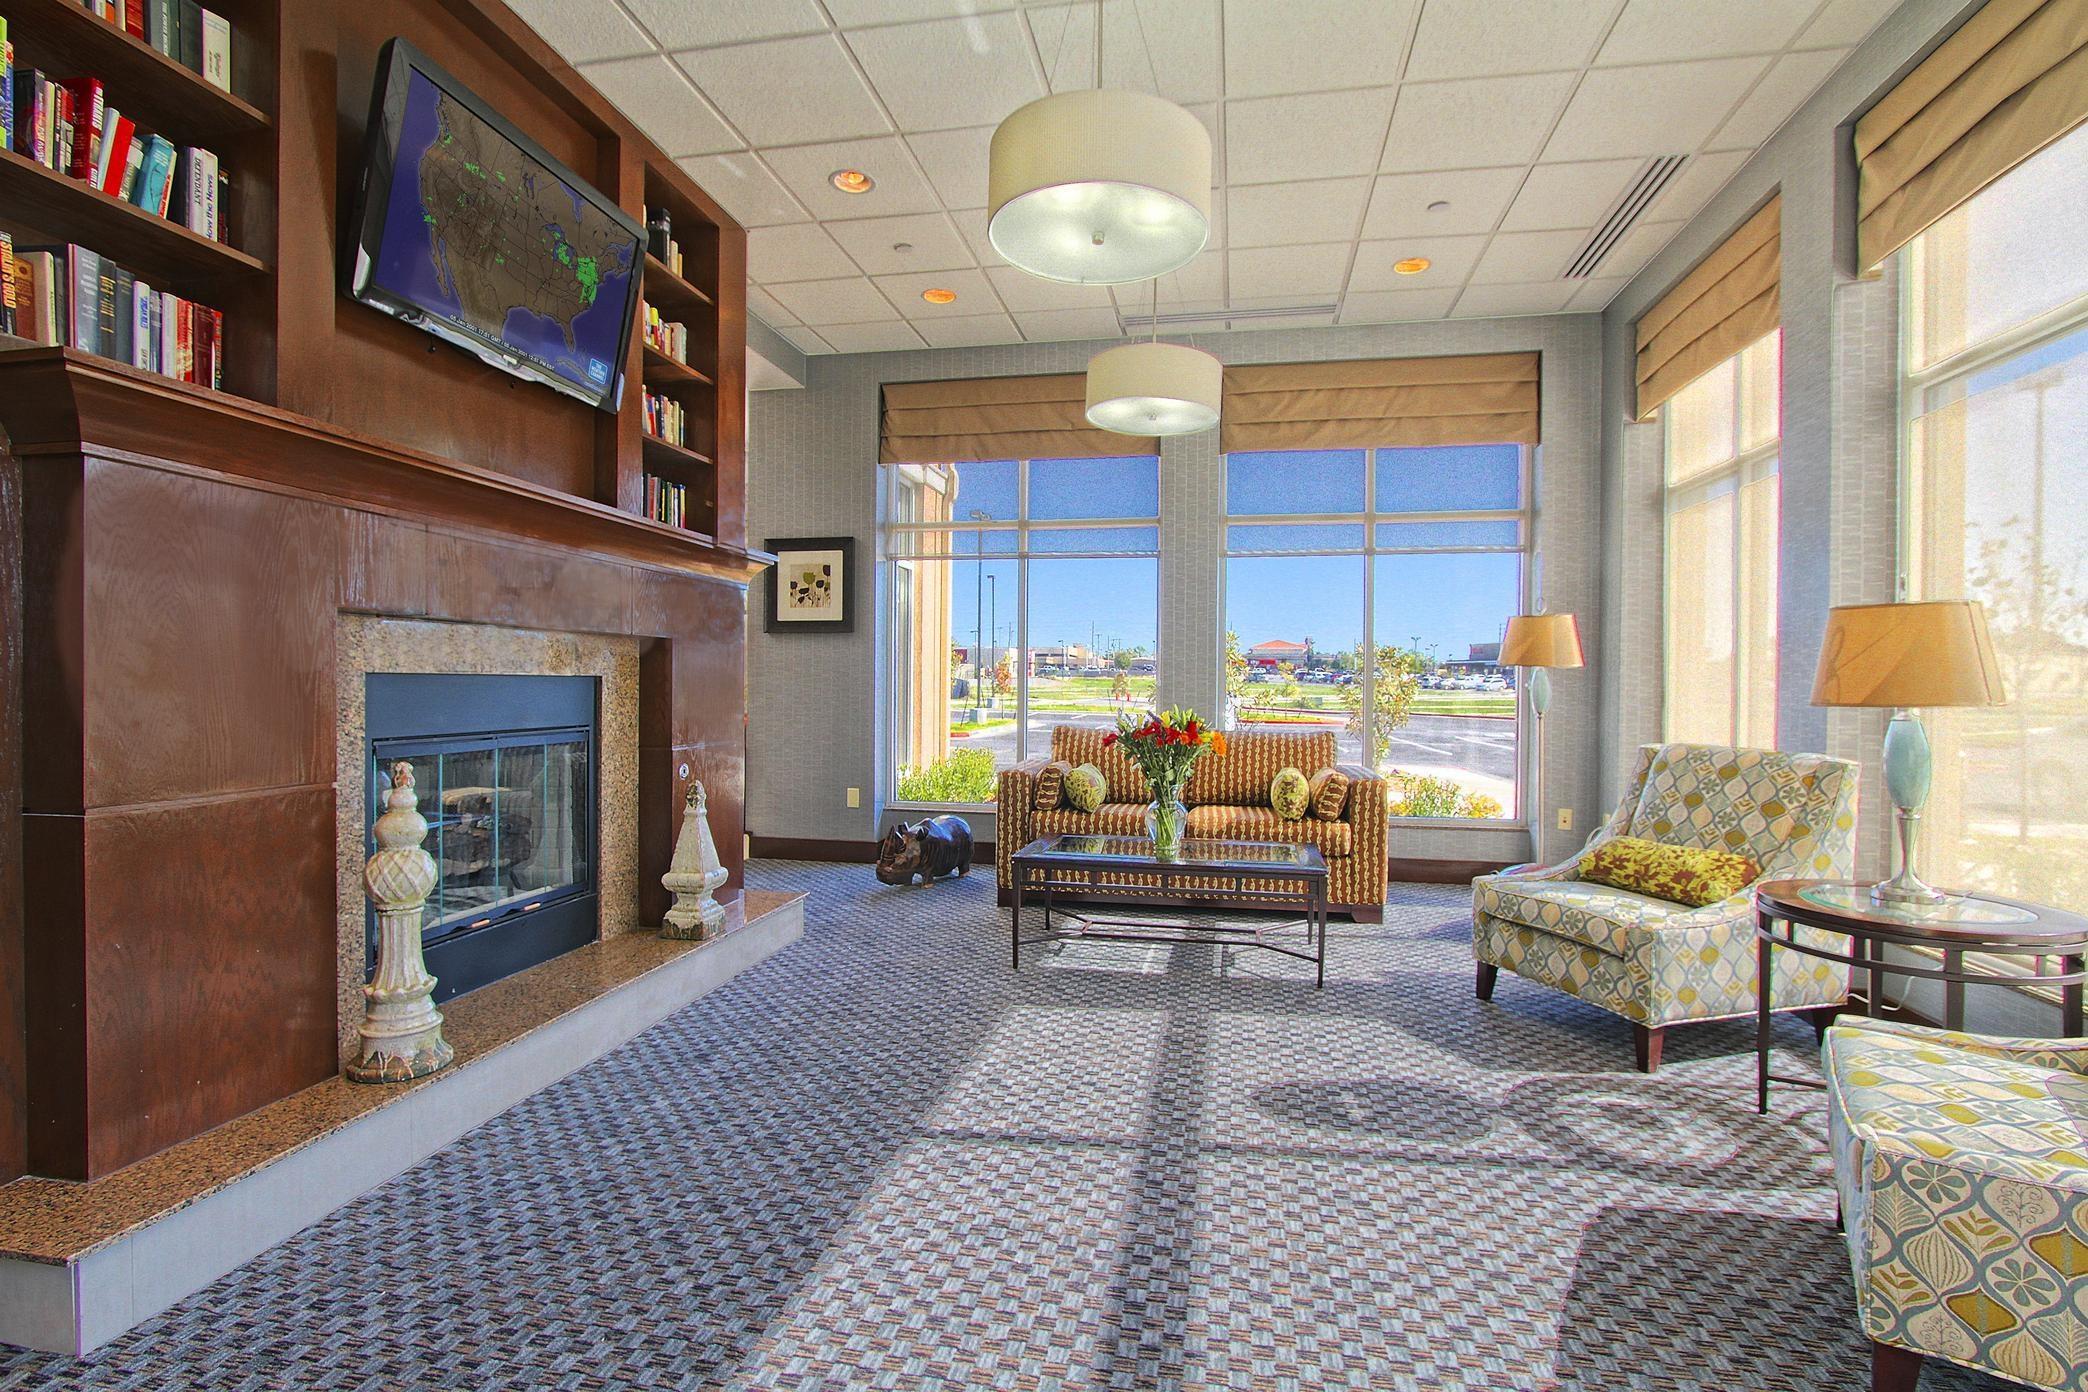 Hilton Garden Inn Tulsa Midtown image 15